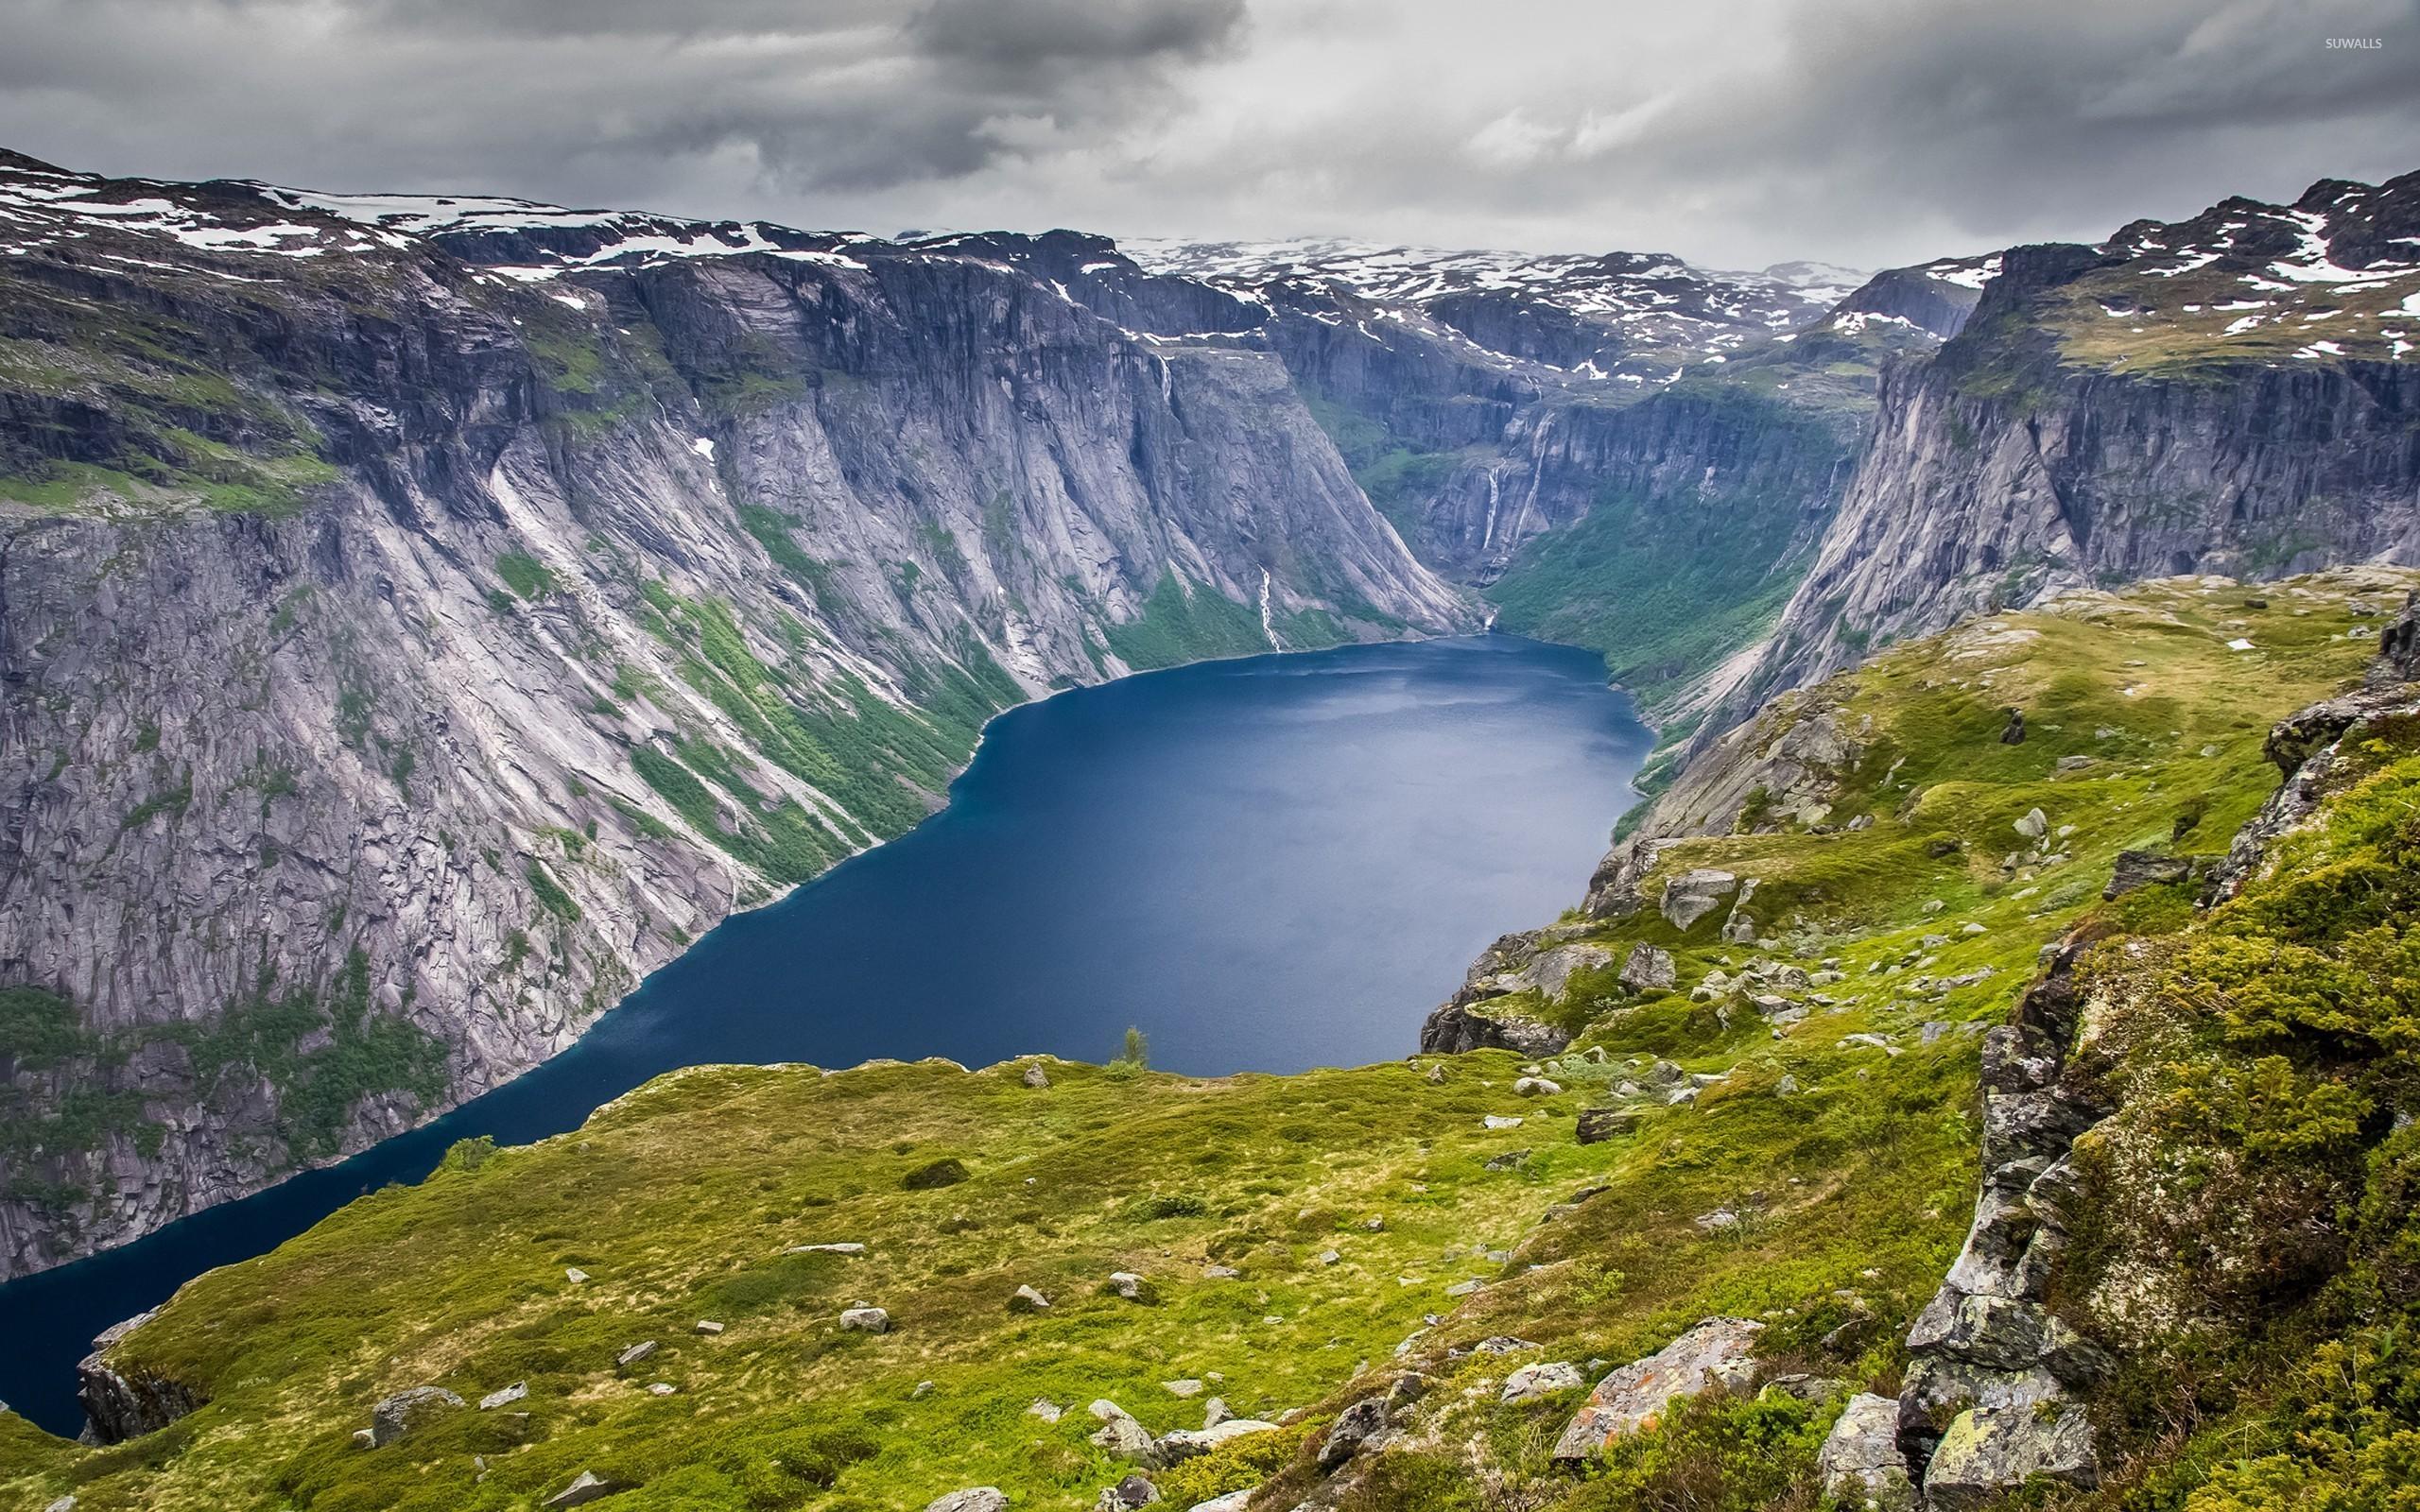 Ringedalsvatnet Lake, Norway Wallpaper